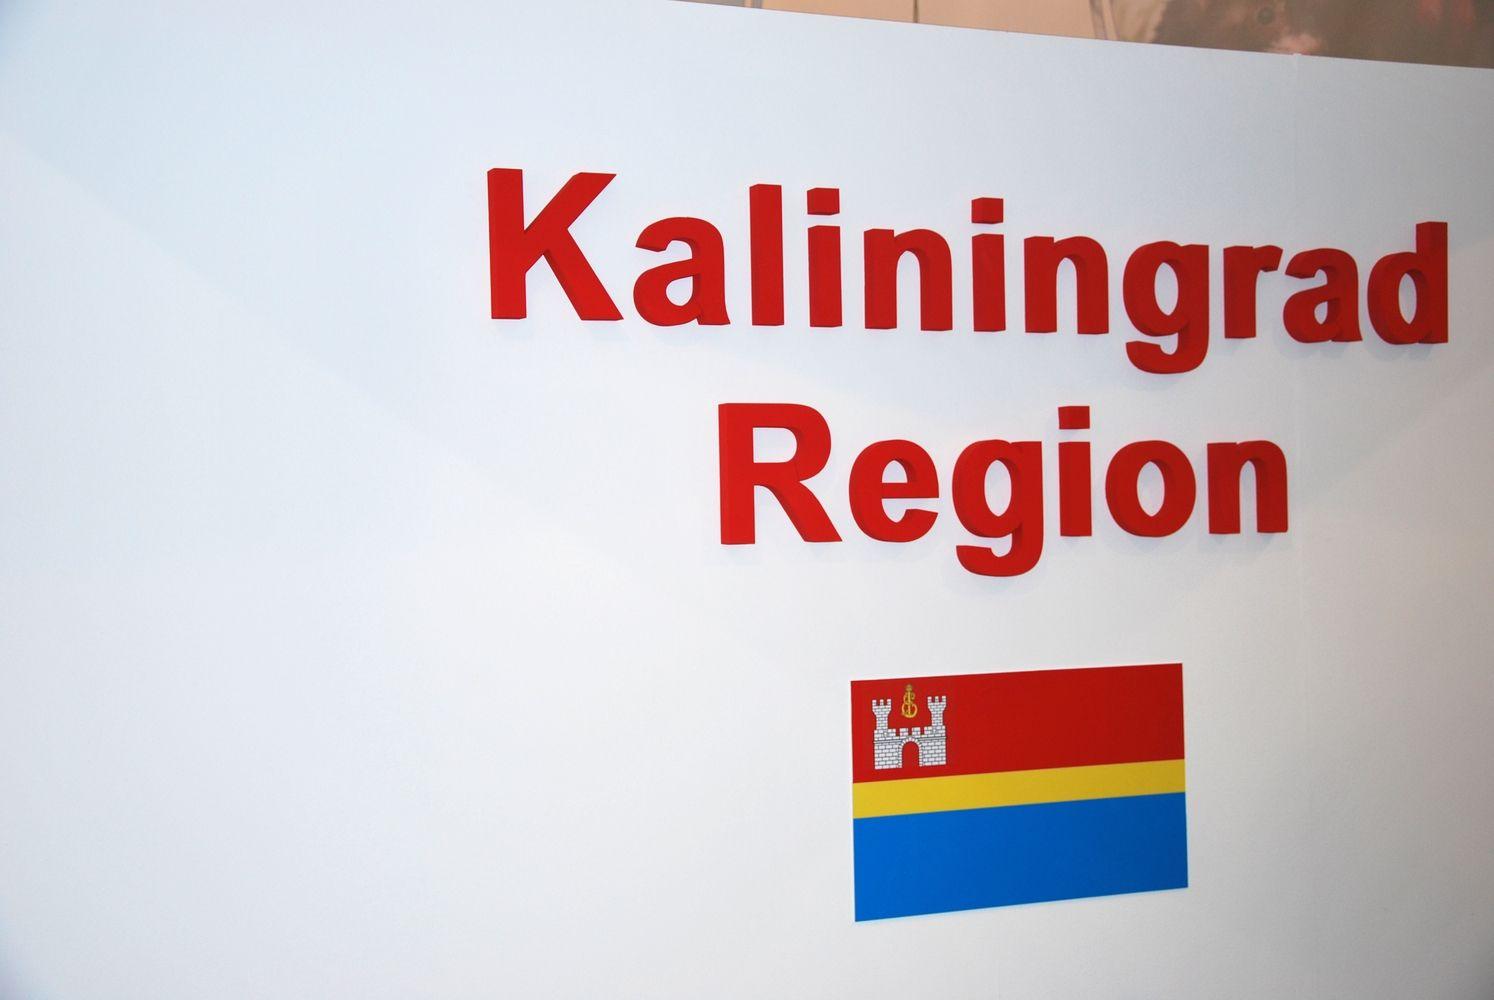 Apie paimamą sklypą Kaliningrade Lietuvos įmonė sužinojo iš spaudos